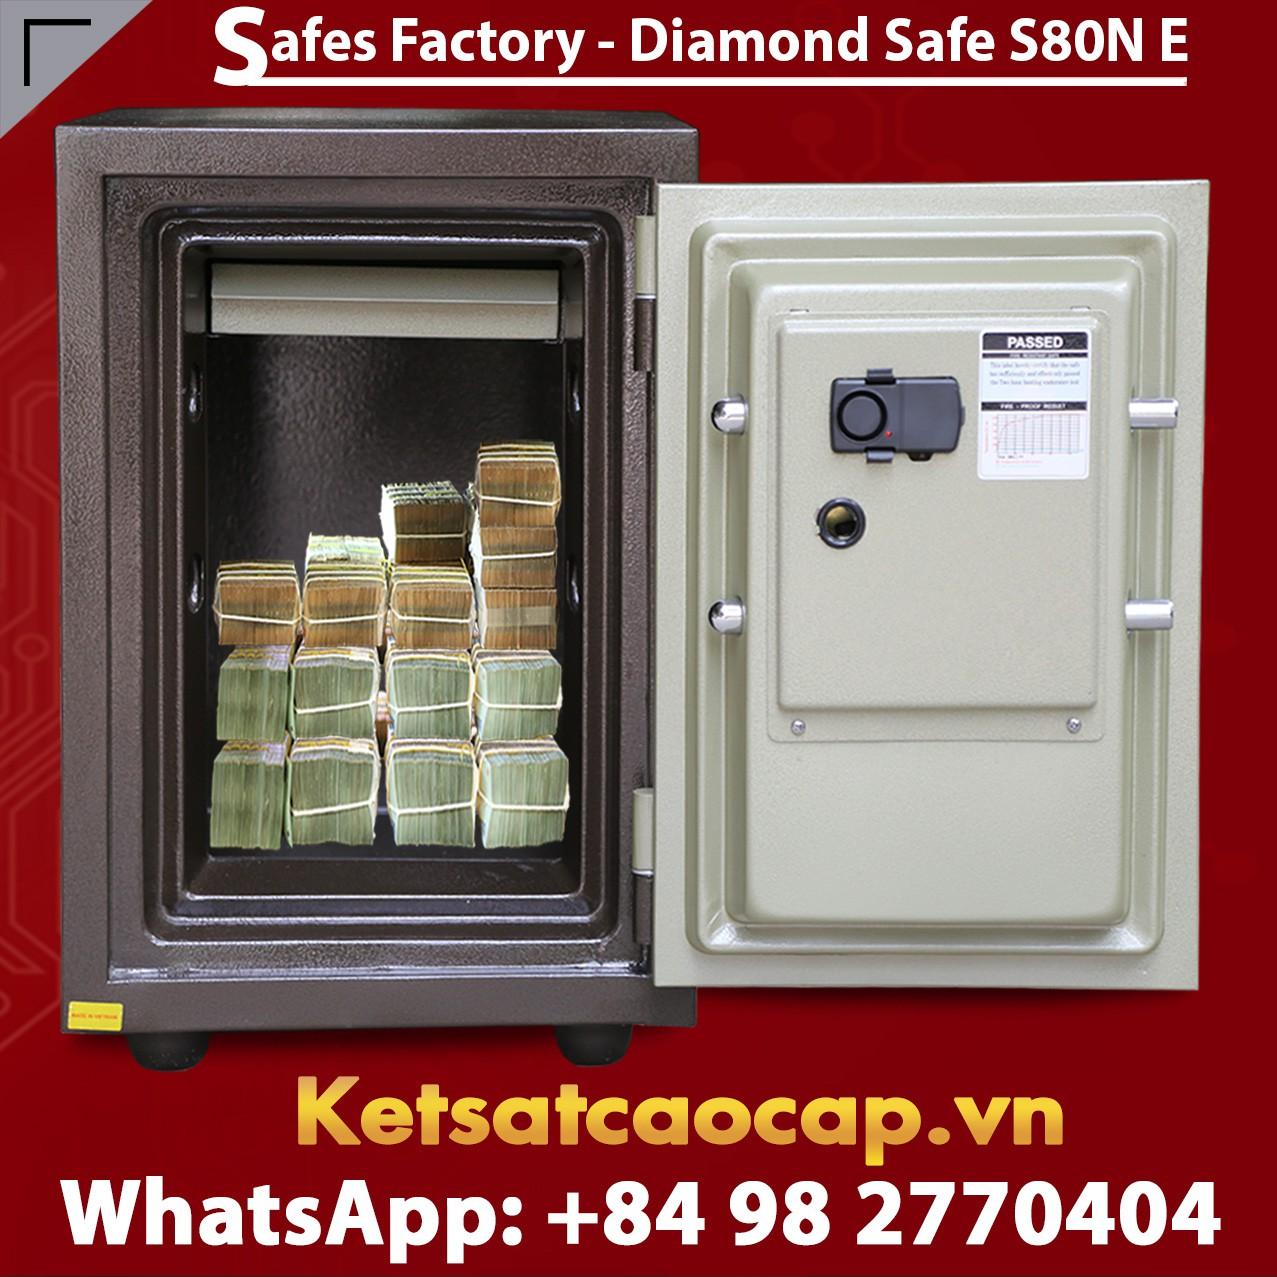 Home Safe Welko S80D E